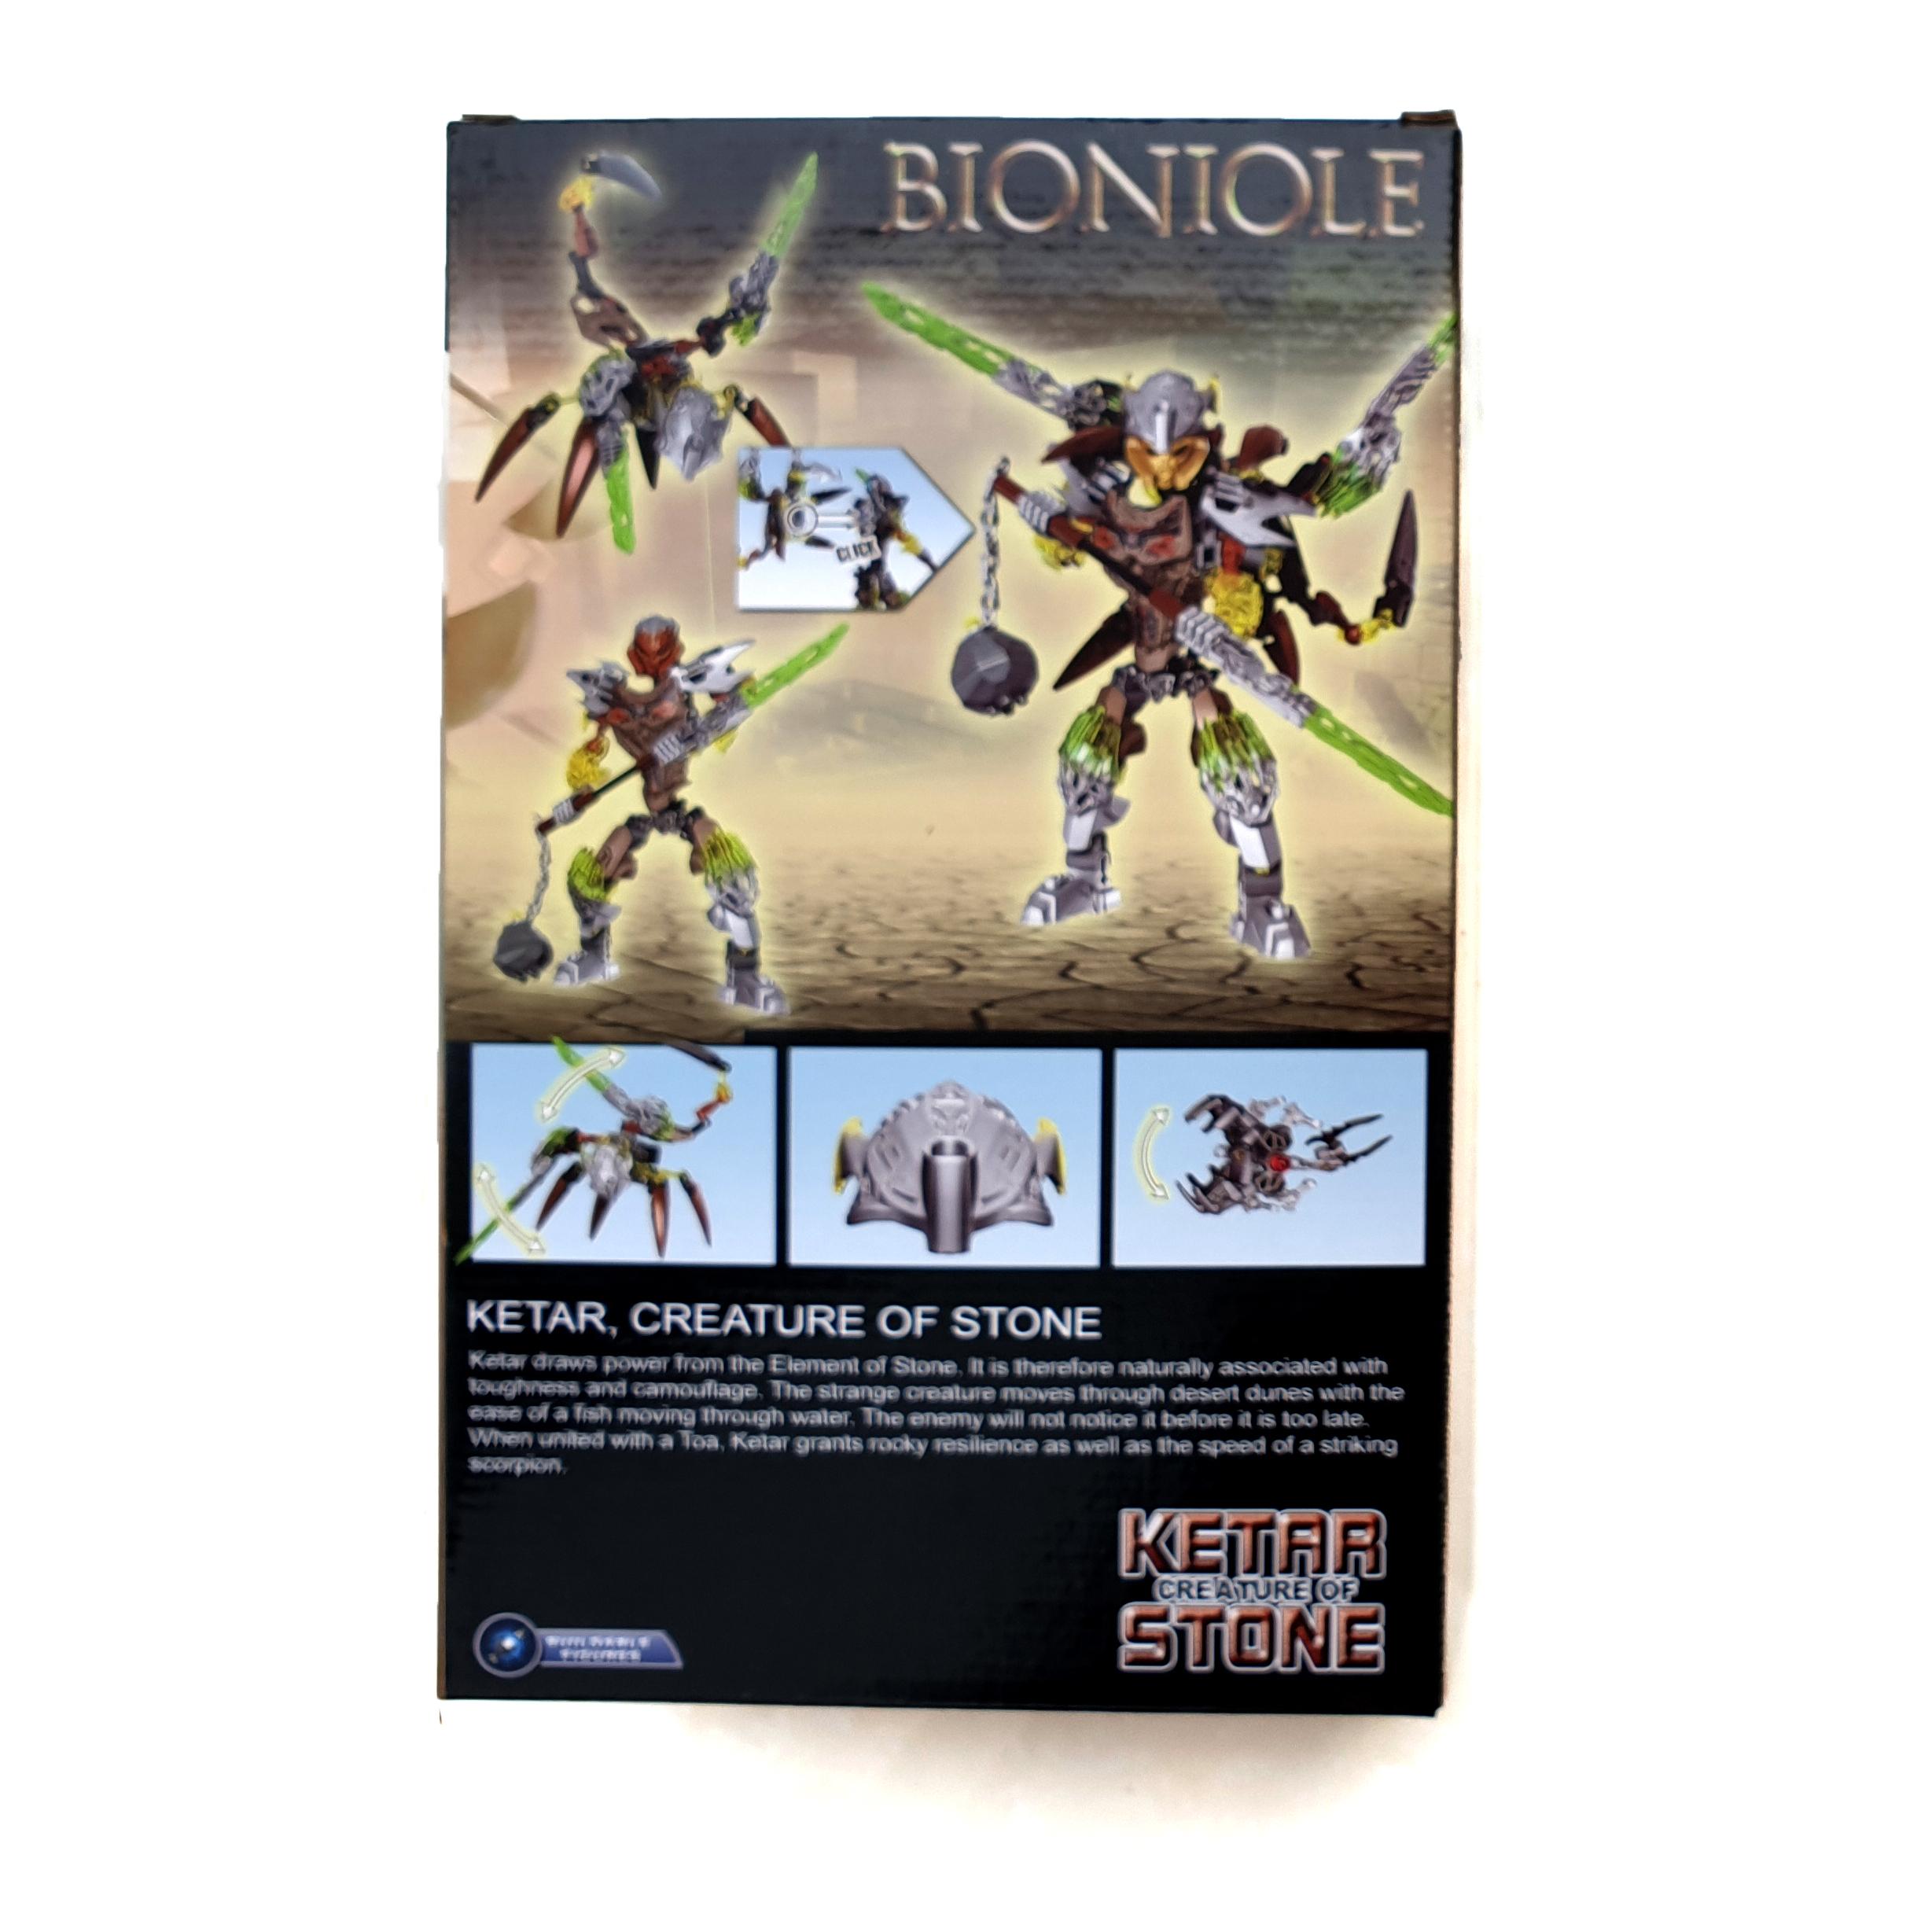 Mô hình Robot trang trí Bionicle 609-2 Ketar Stone